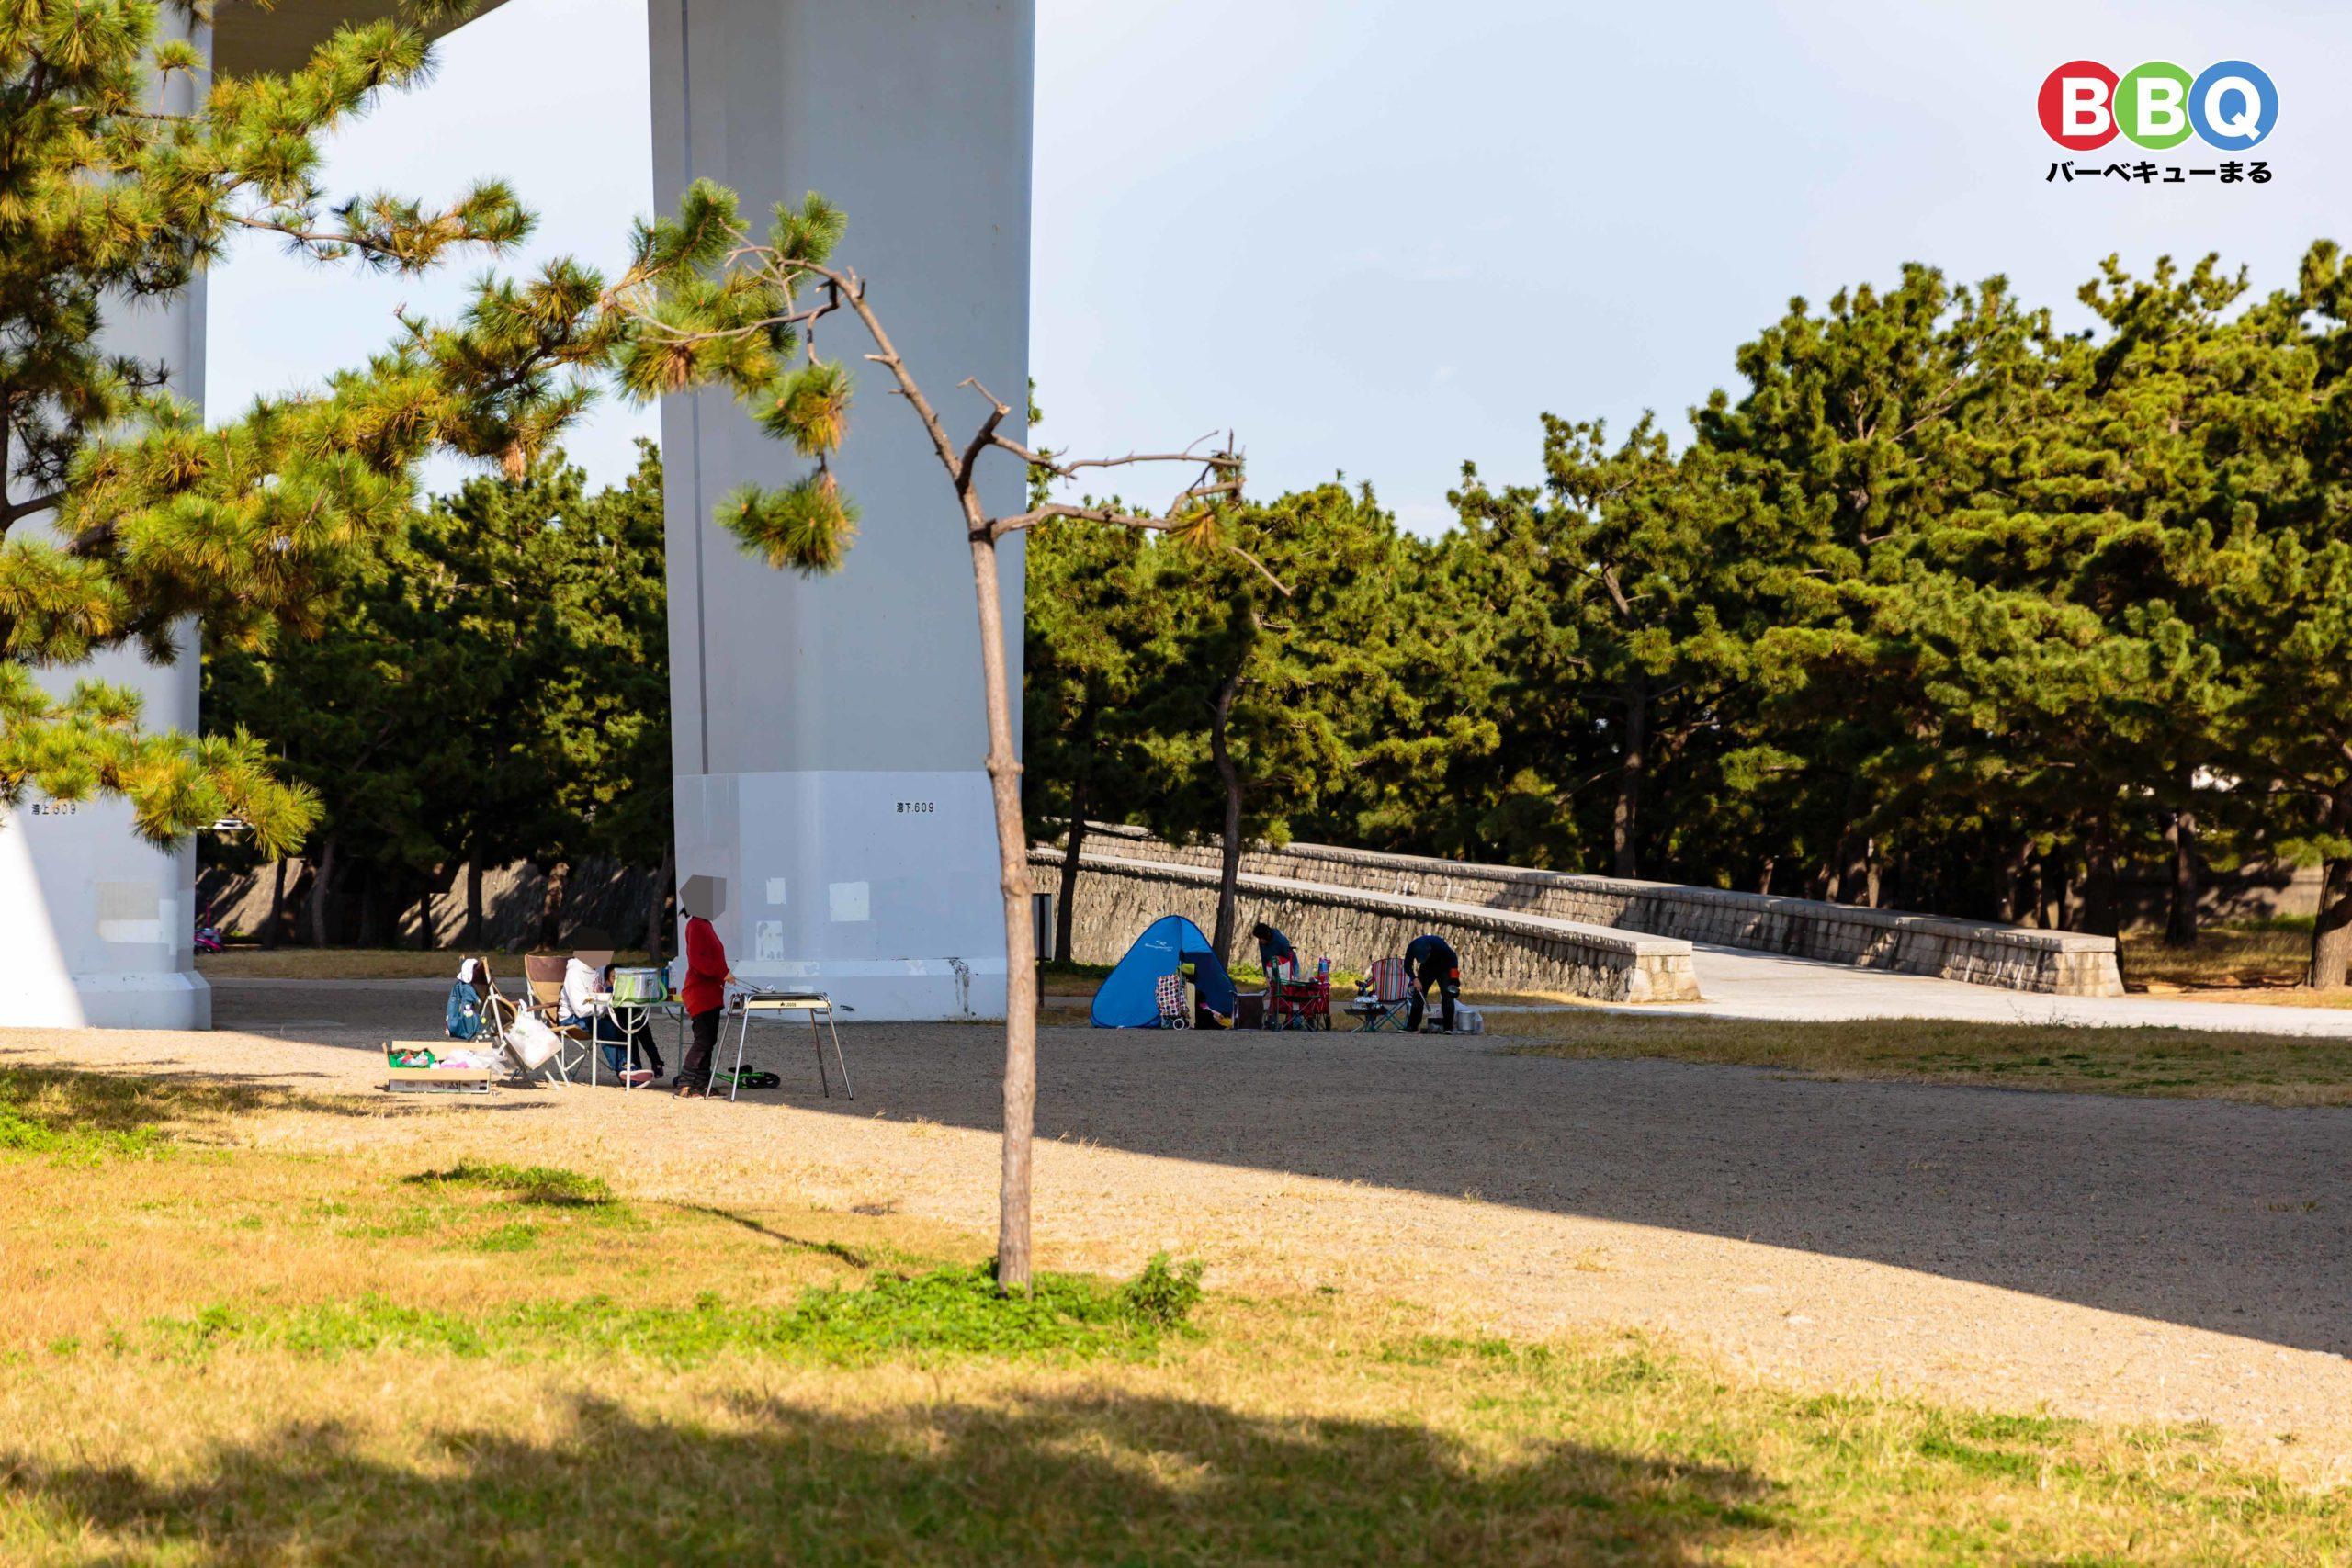 二色の浜中央地区無料BBQ可能区域でBBQする人たち